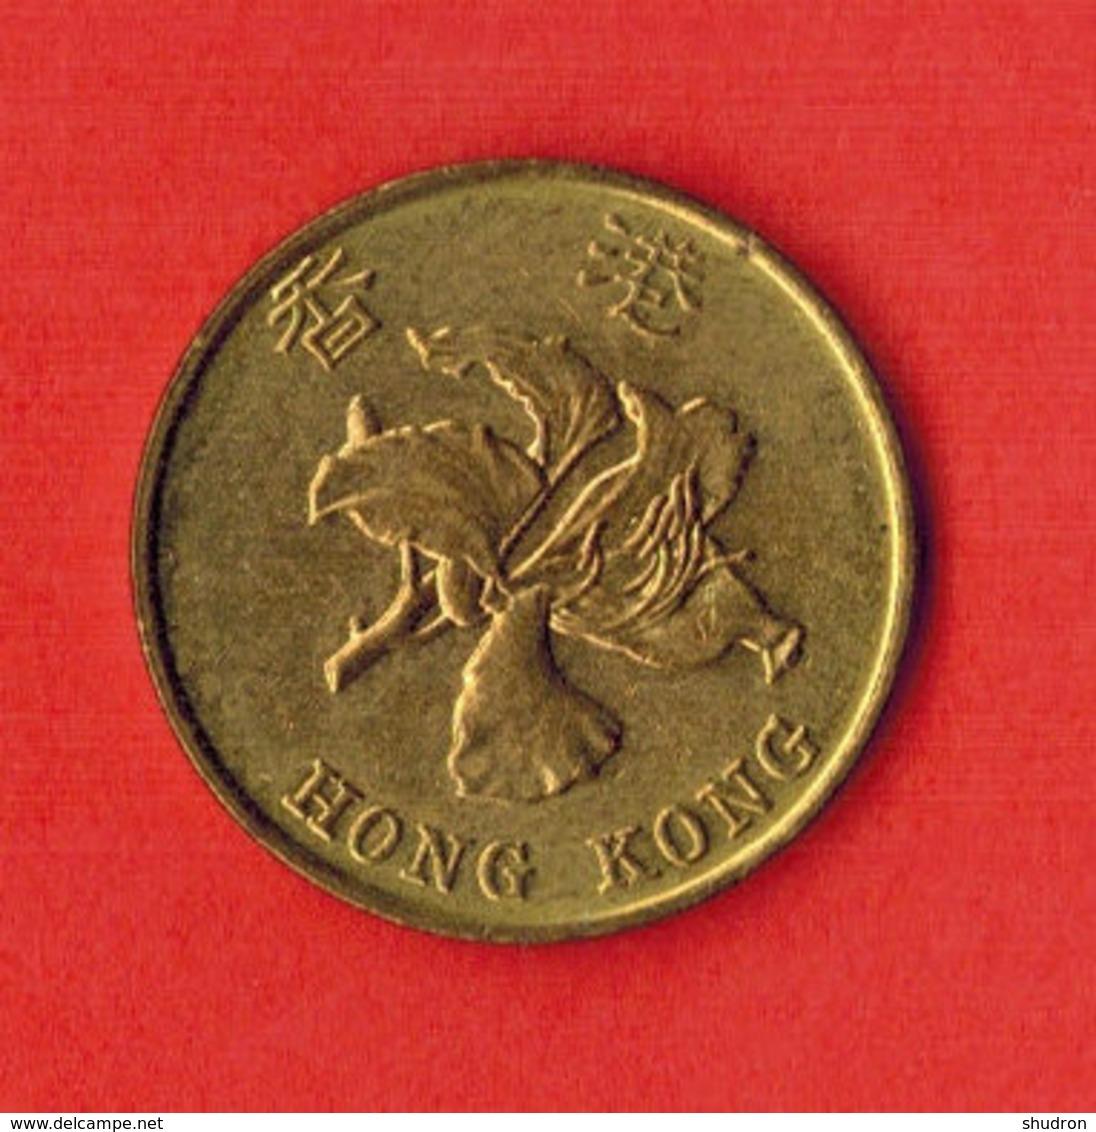 Hong Kong 10 Cents, 1998 - Hongkong